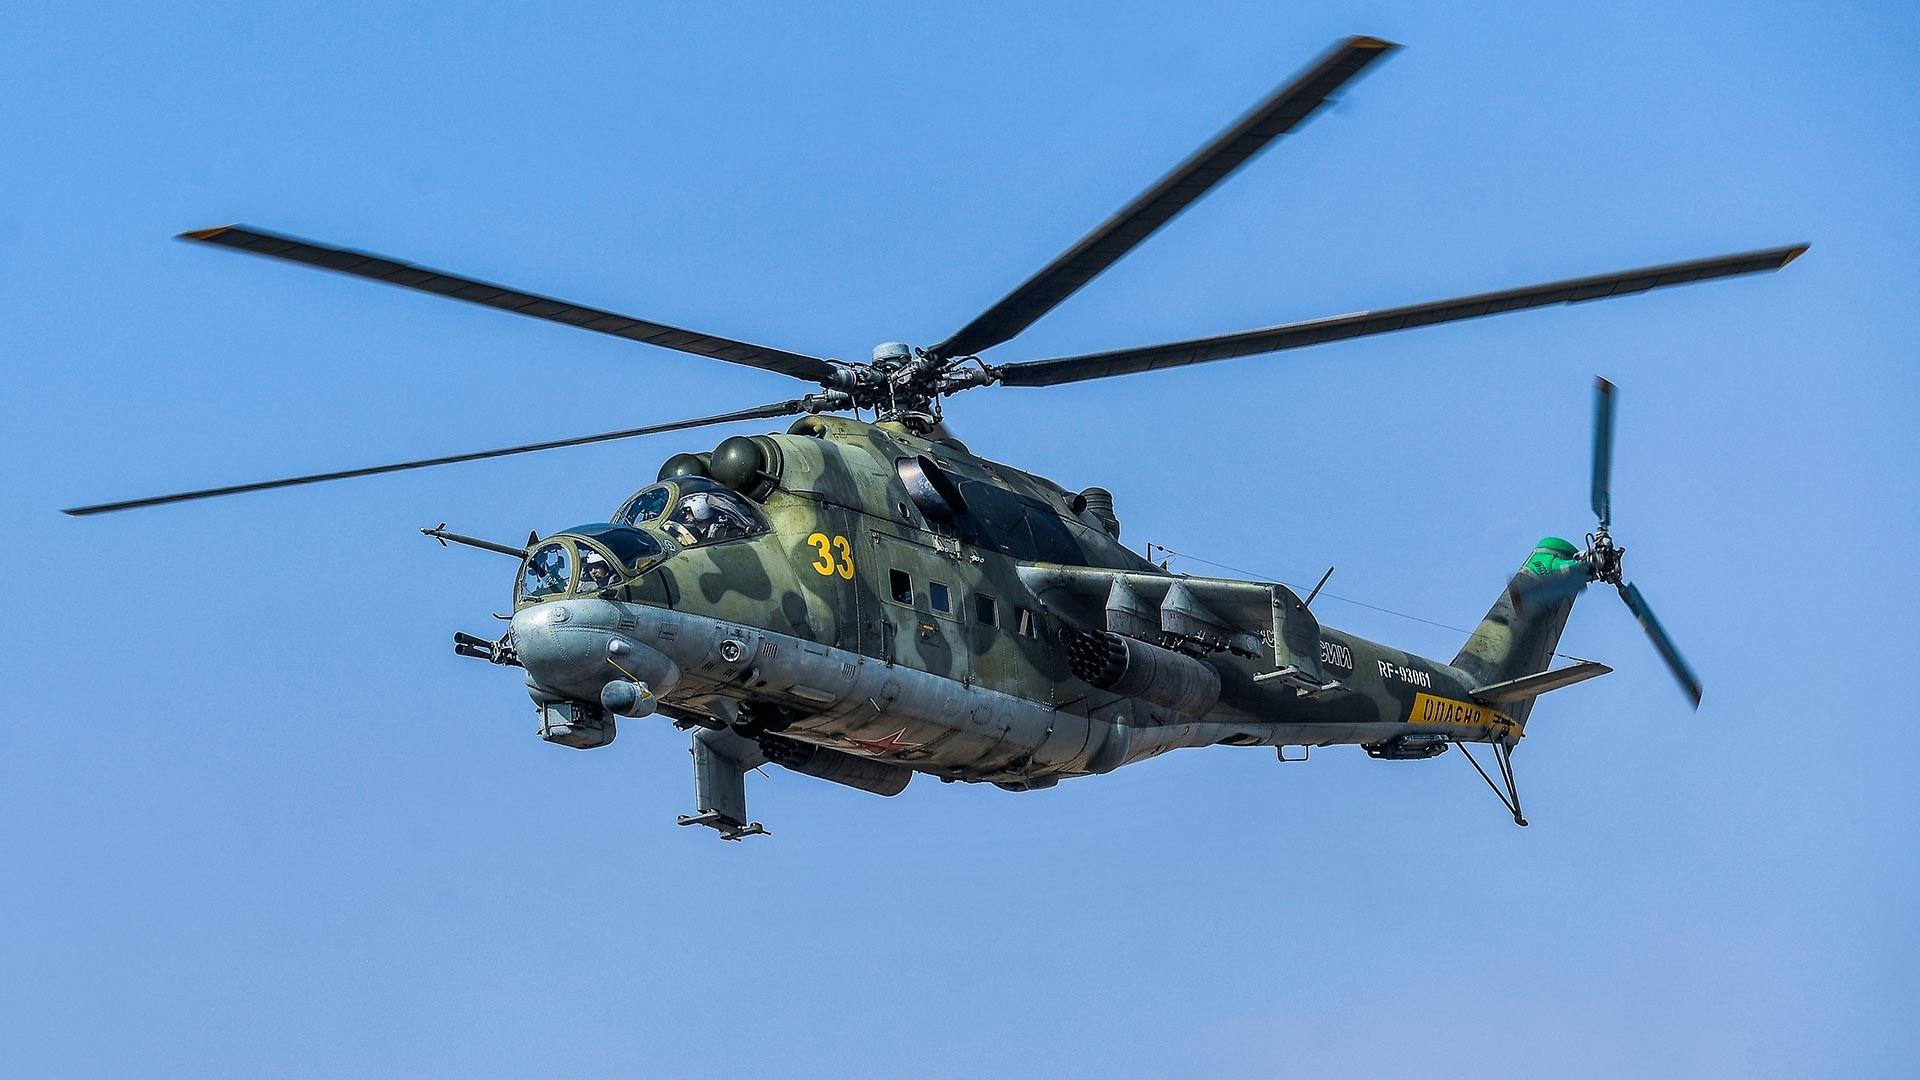 Jurišni helikopter Mi-24